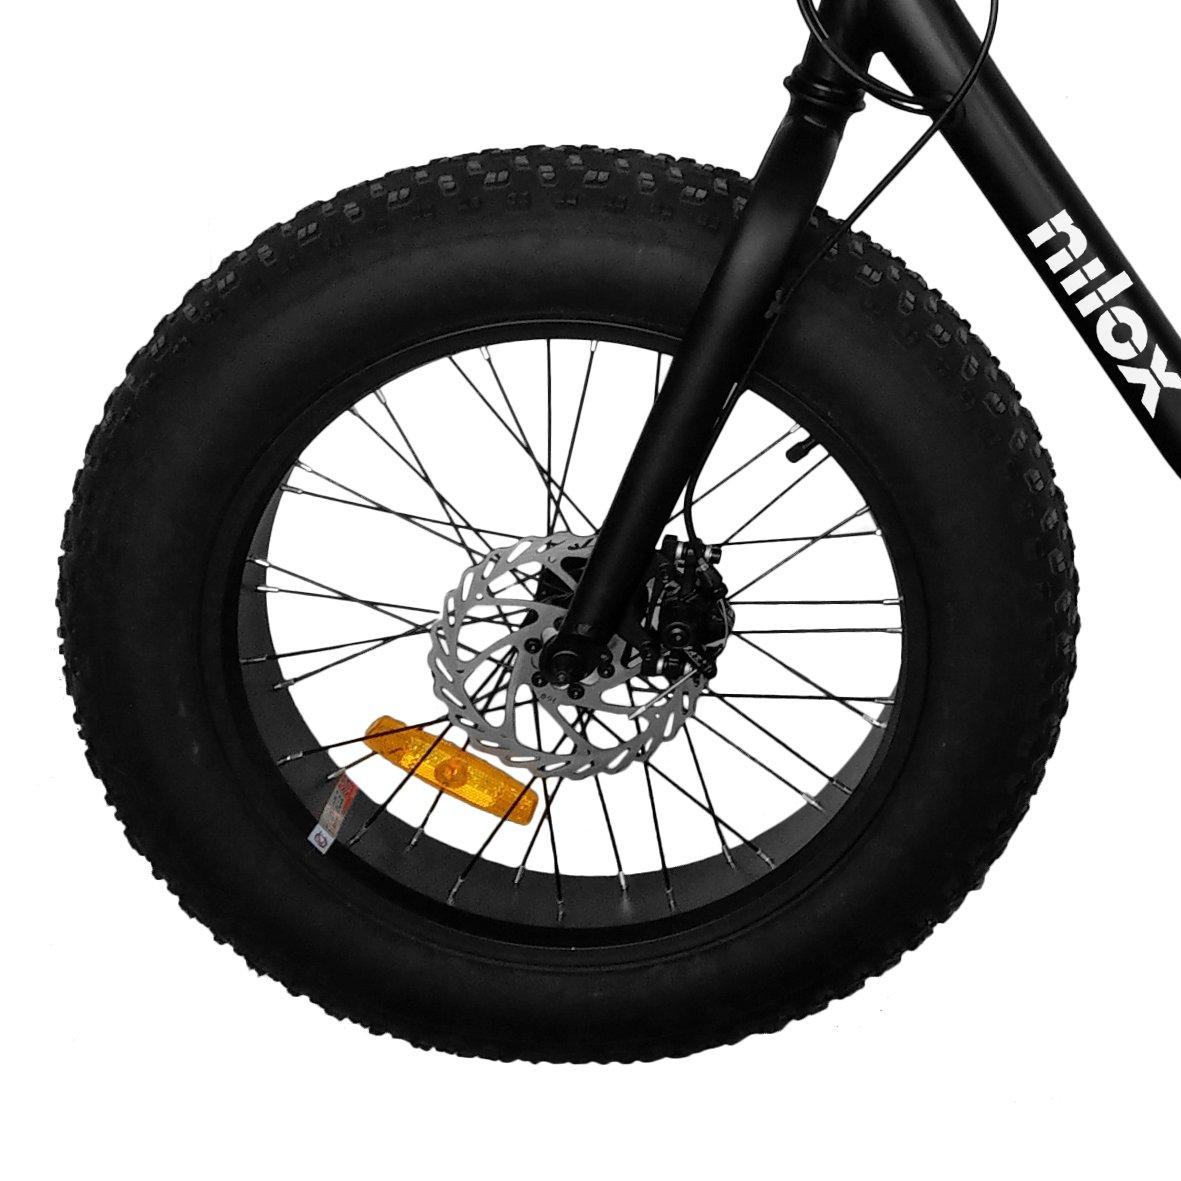 Nilox 30NXEB203V003 Bicicleta eléctrica, Unisex Adulto, Negro, Talla Única: Amazon.es: Deportes y aire libre